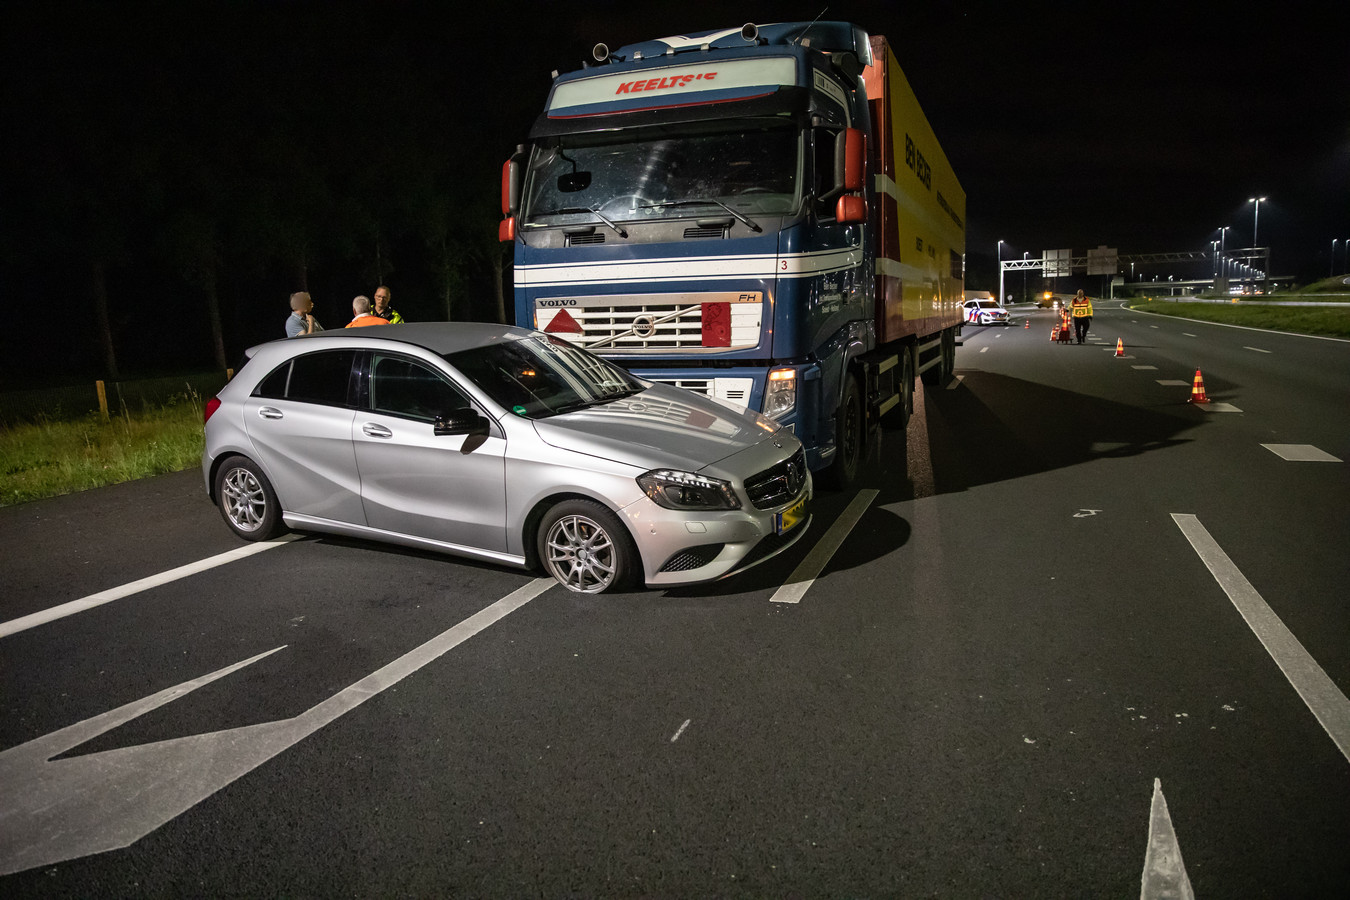 De personenauto raakte bij de botsing zwaar beschadigd.